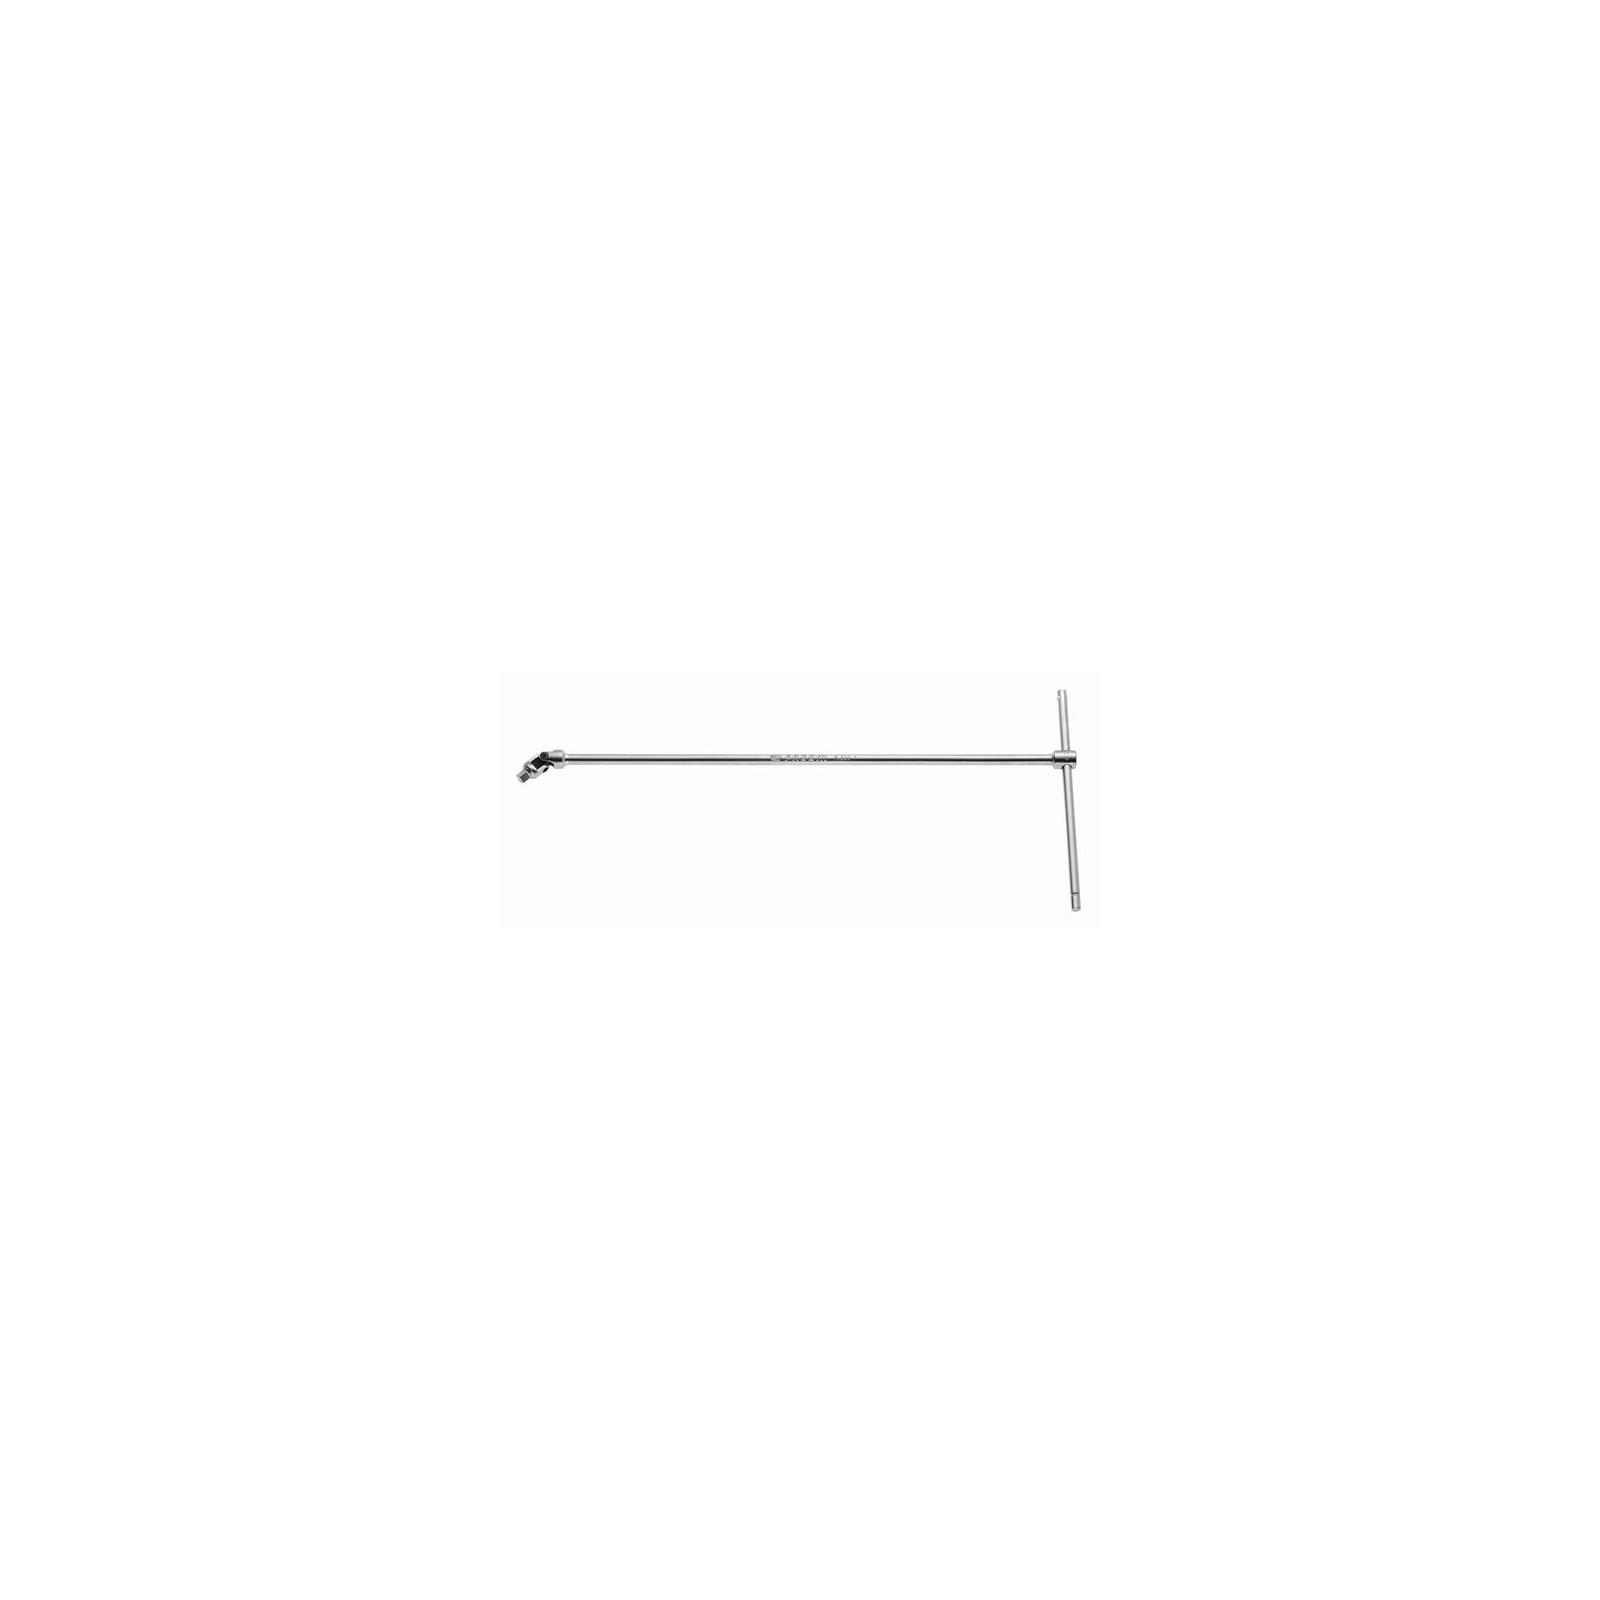 Poignée à cardan 1/4 385 mm - Facom R.229A